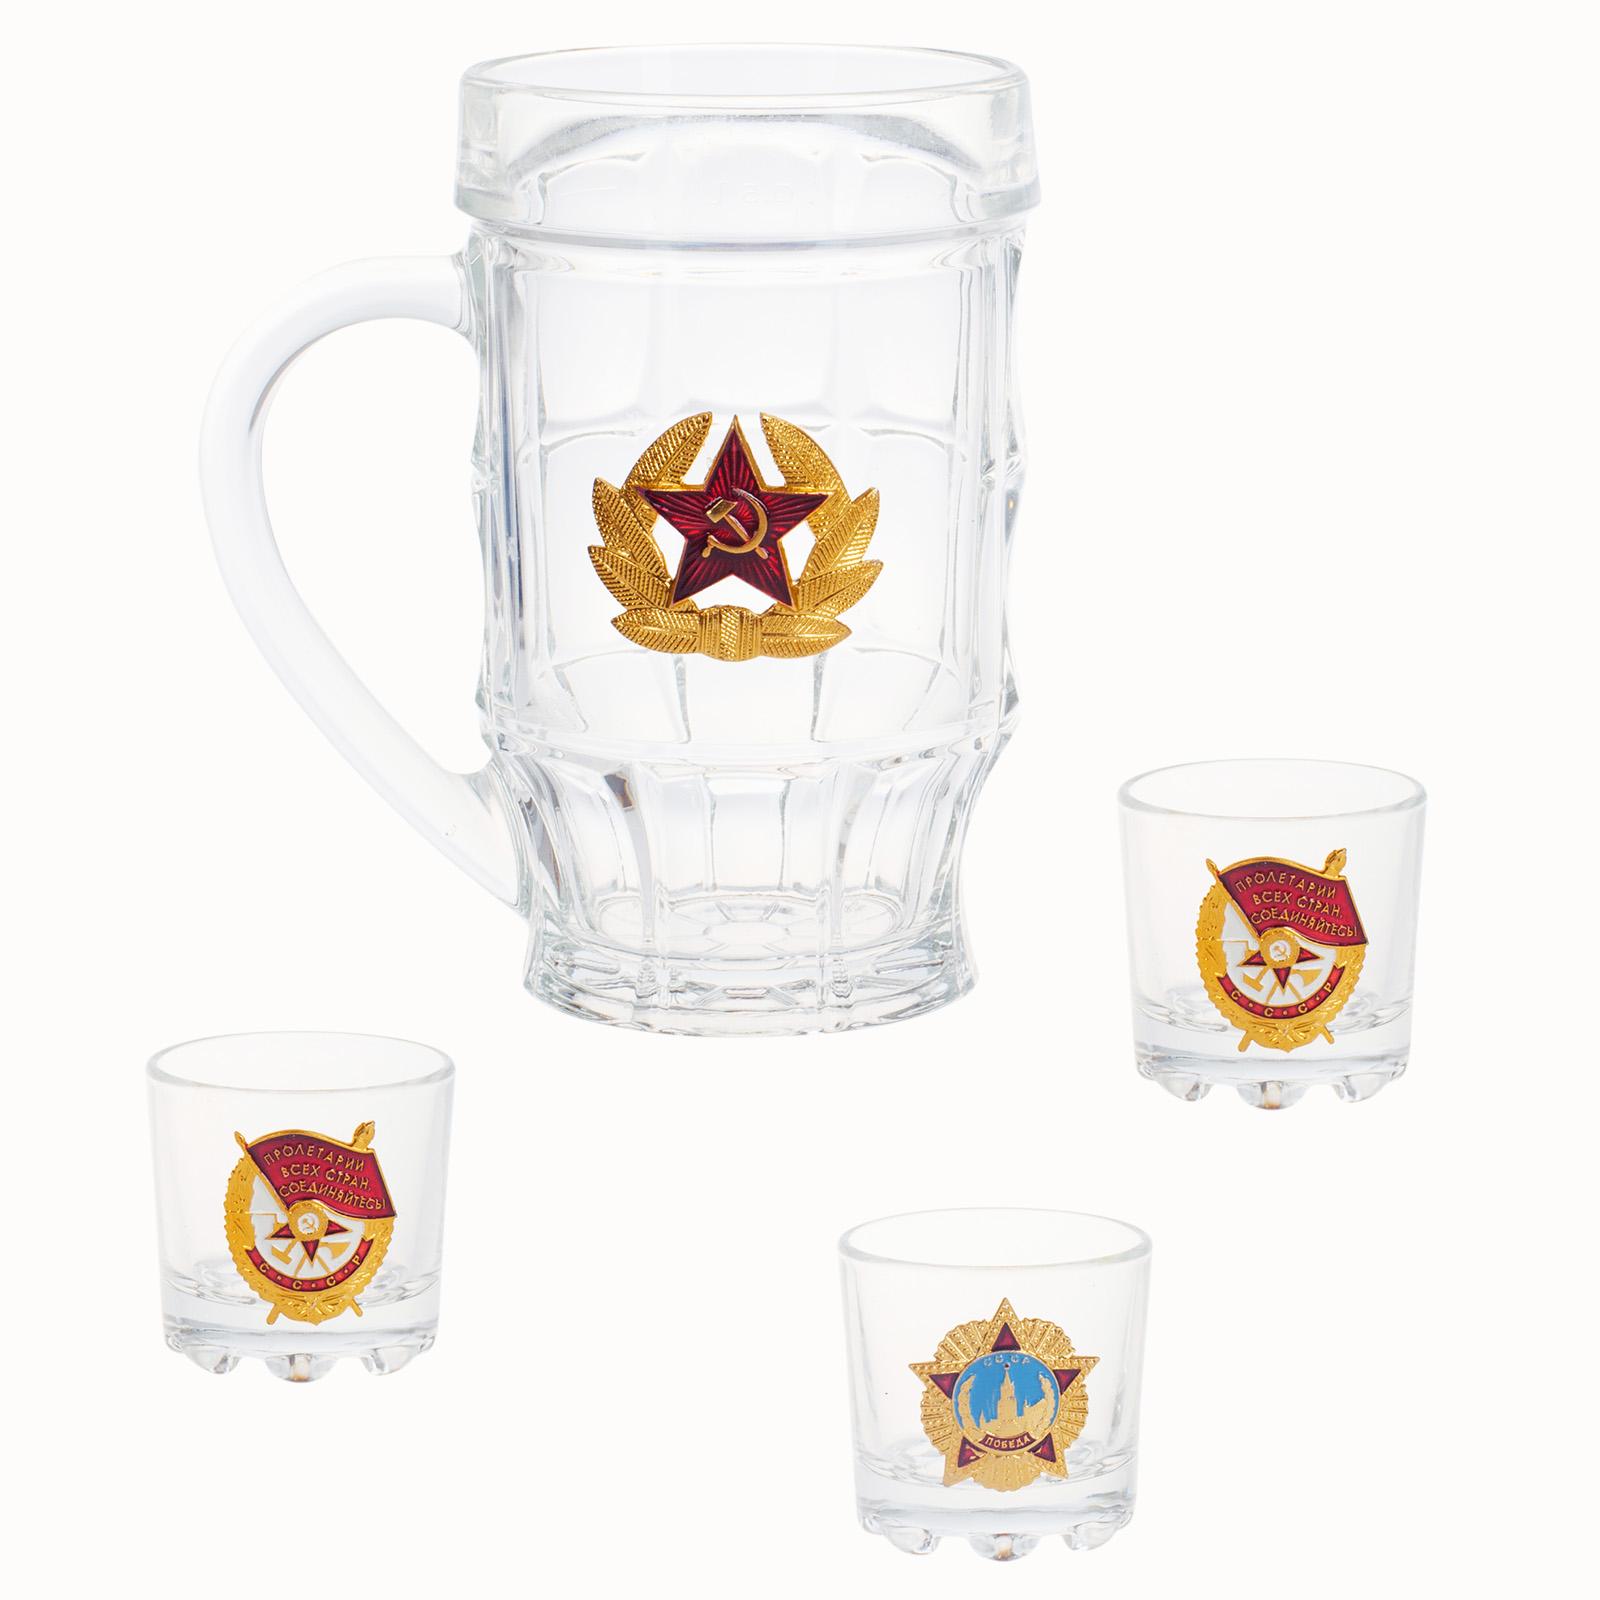 """Пивная кружка """"Советская Армия"""" и 3 стопки в подарочном наборе по выгодной цене"""